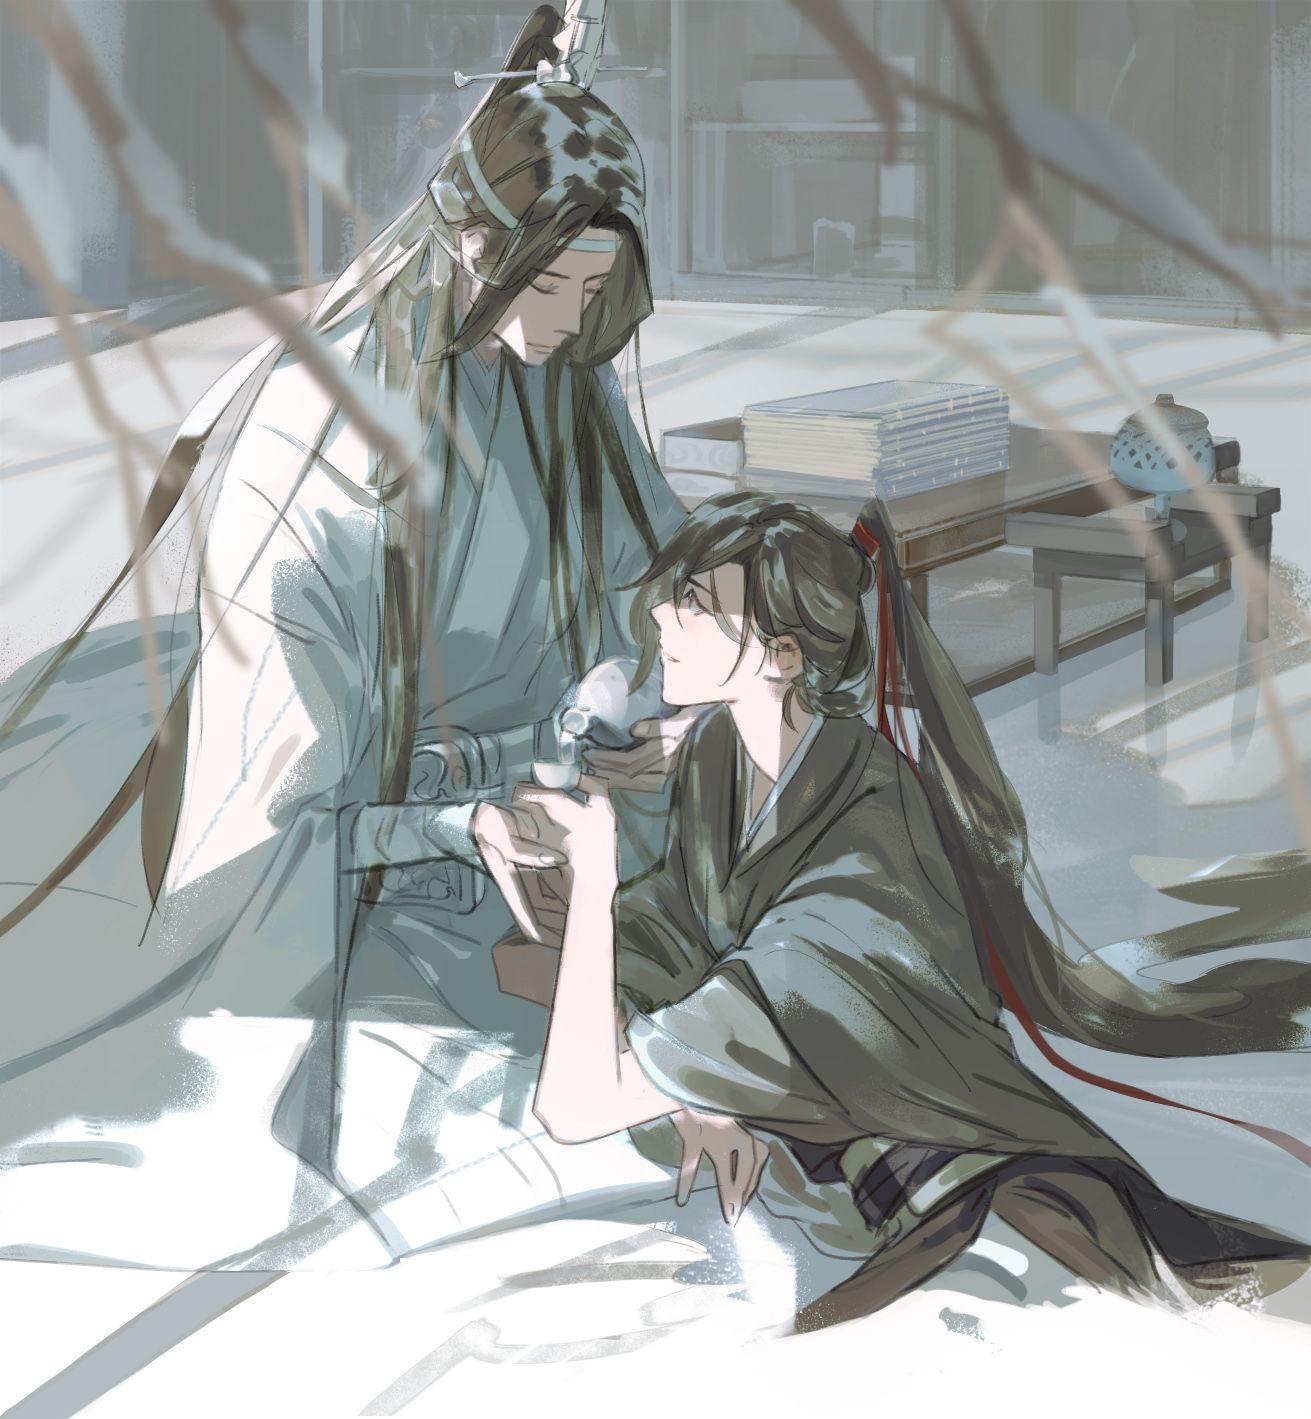 遠古獵人 lvl 92 on in 2020 (With images) Anime, Untamed